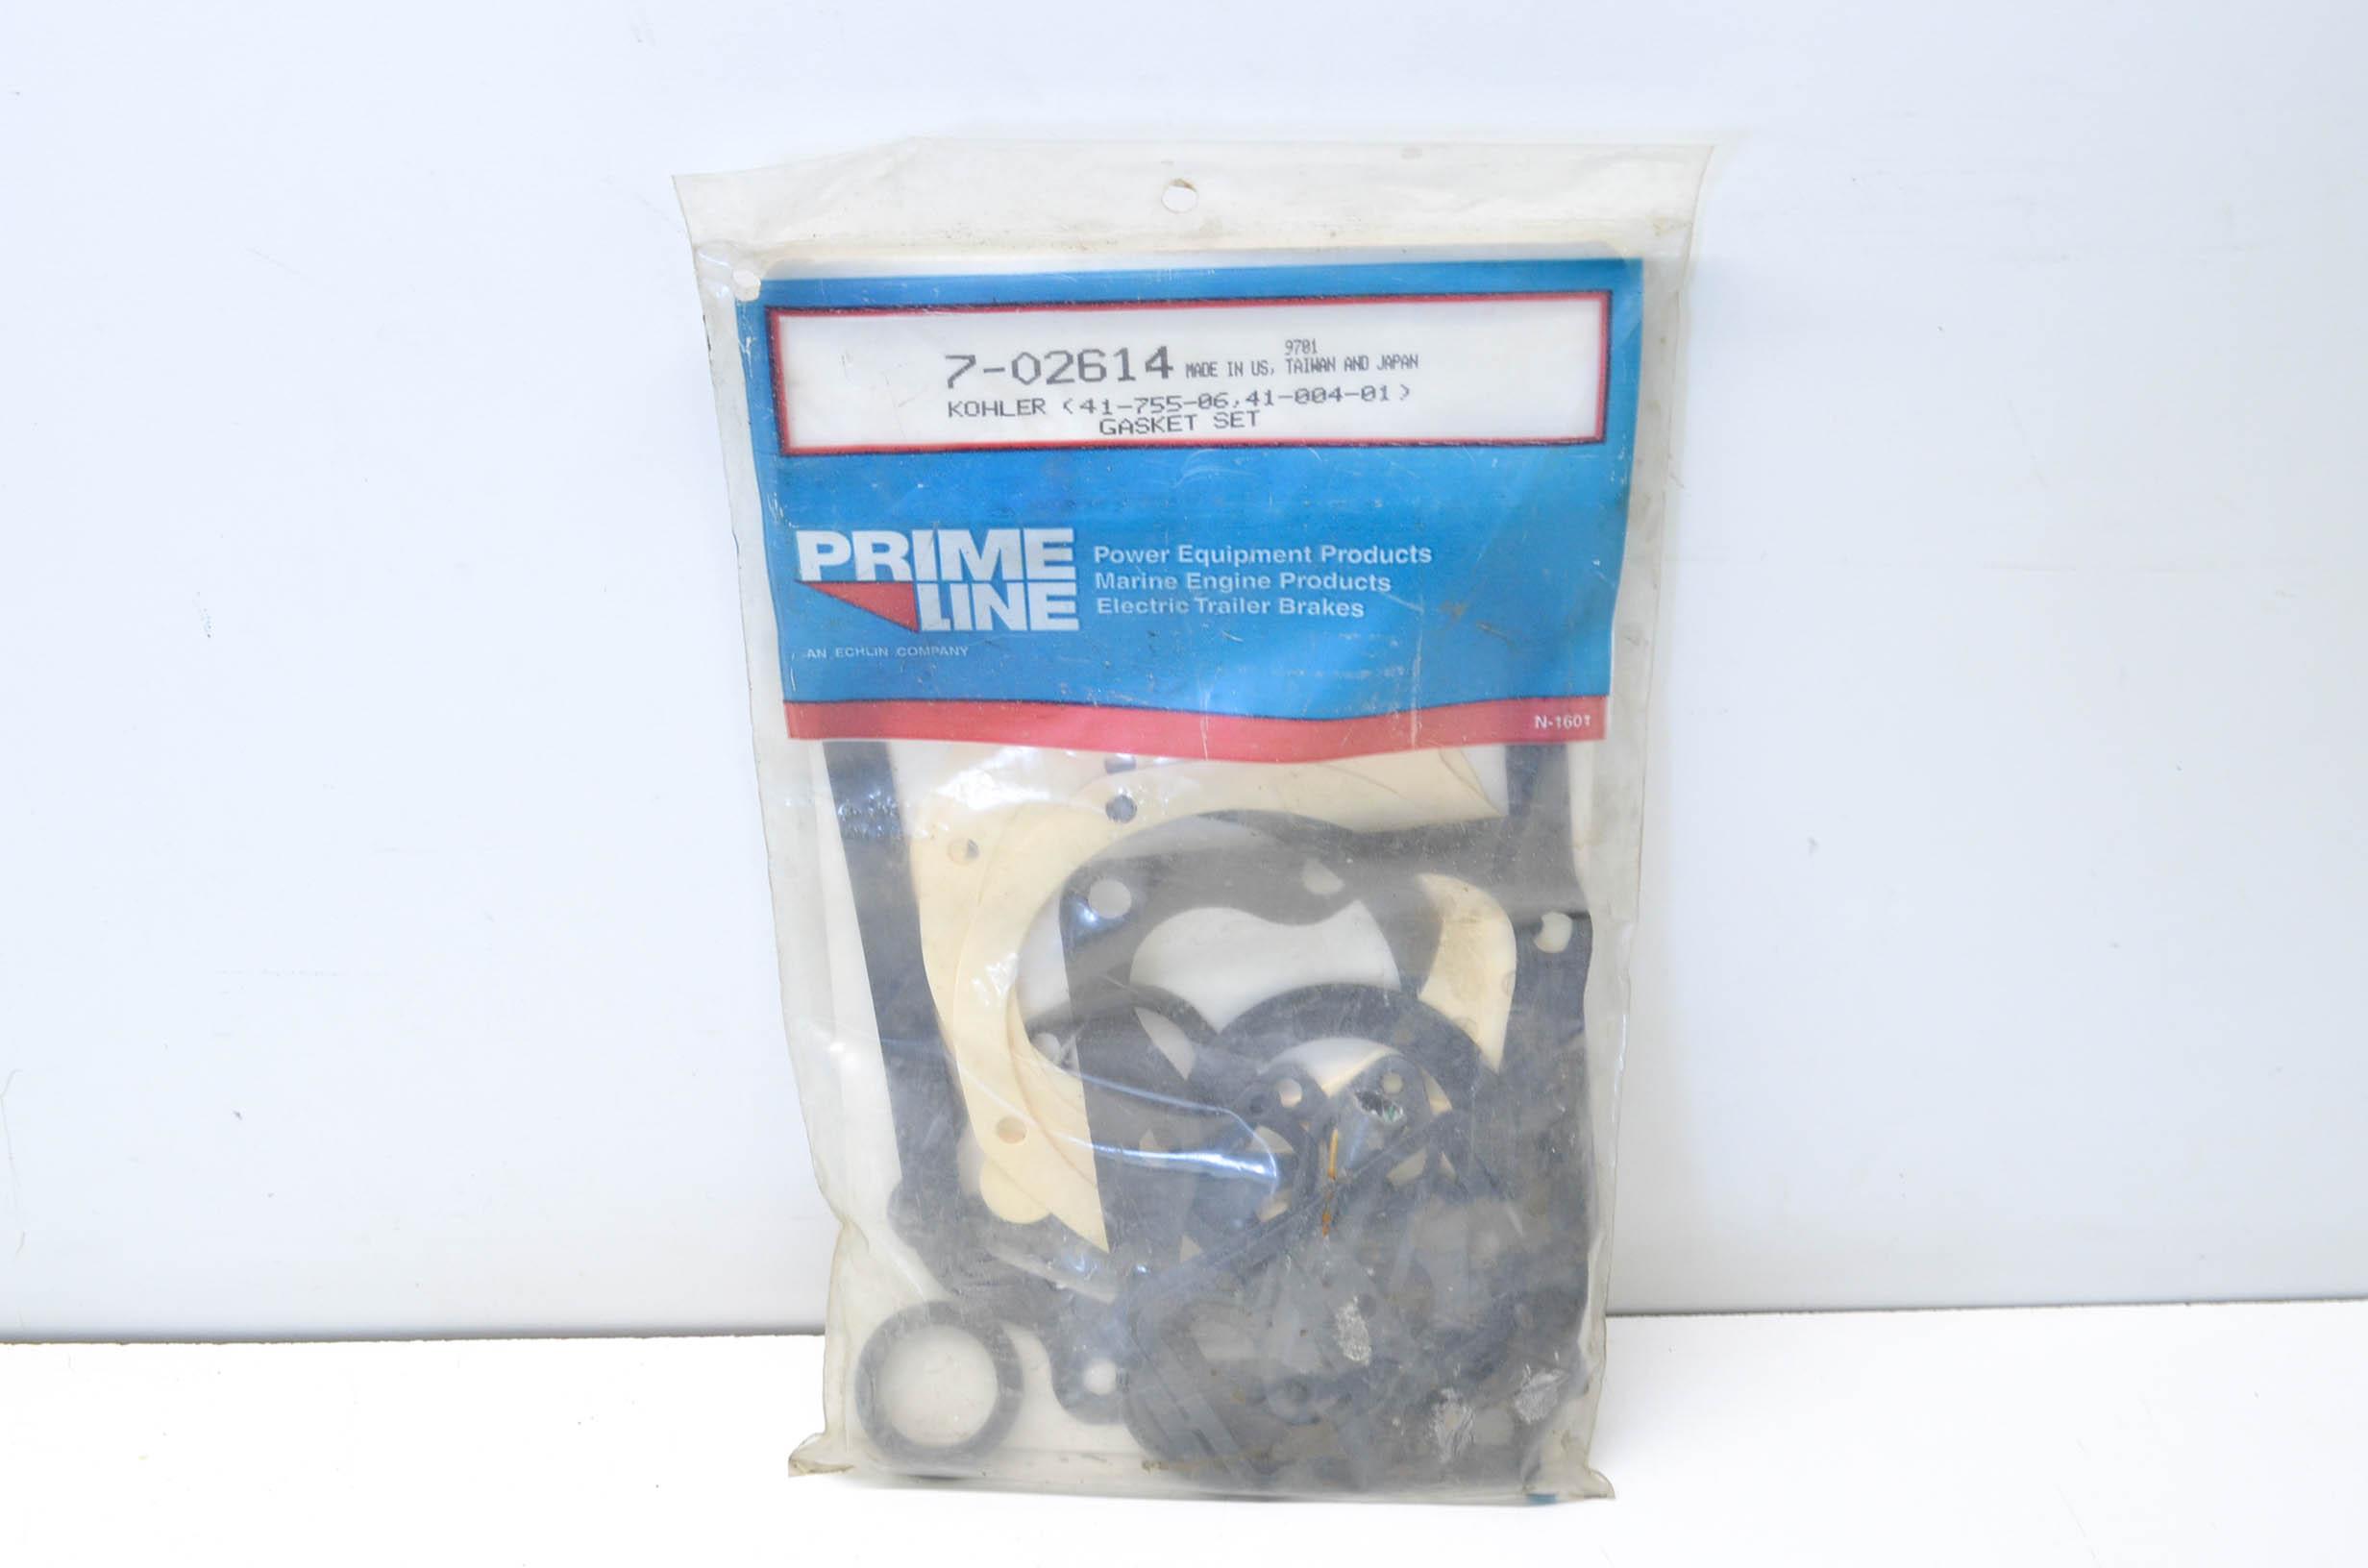 Prime Line 7-02692 Gasket Set